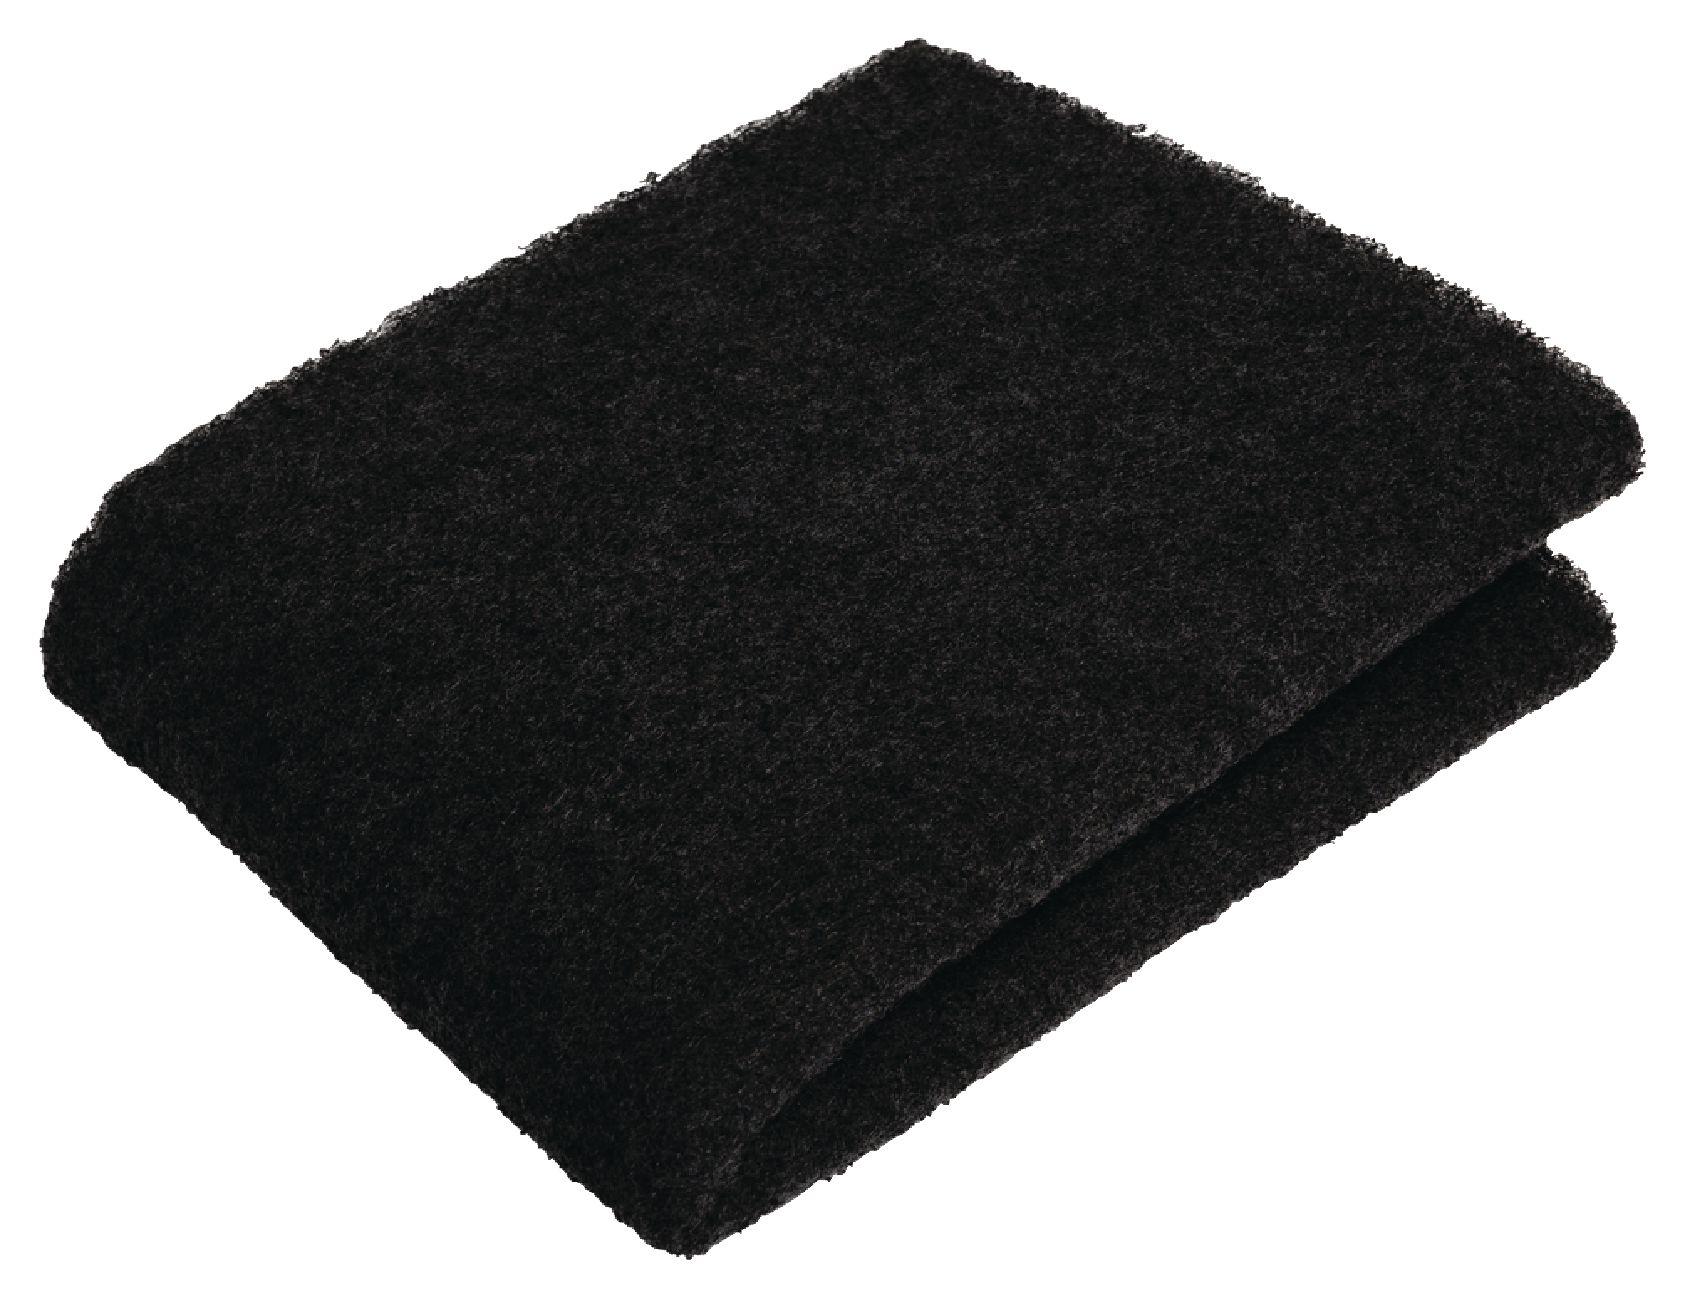 Univerzální uhlíkový filtr do digestoře, 57 x 47 cm HQ W4-49905/4